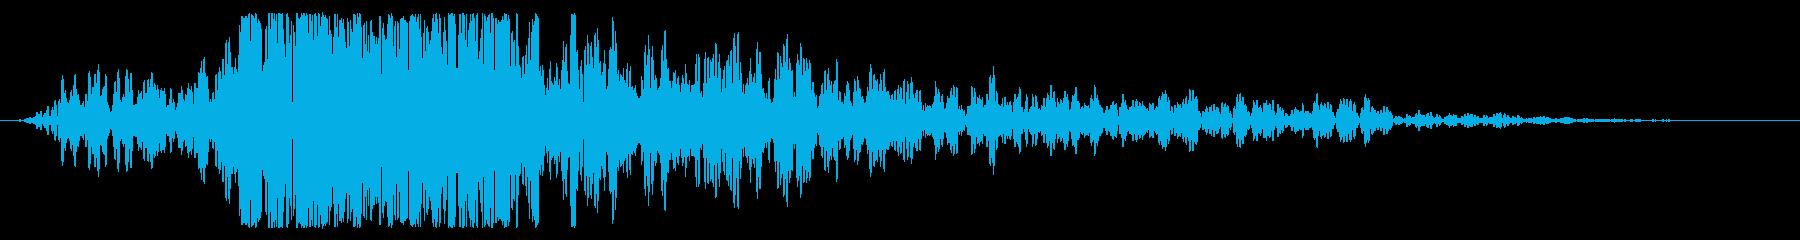 爆発的爆発による低プリランブルの再生済みの波形